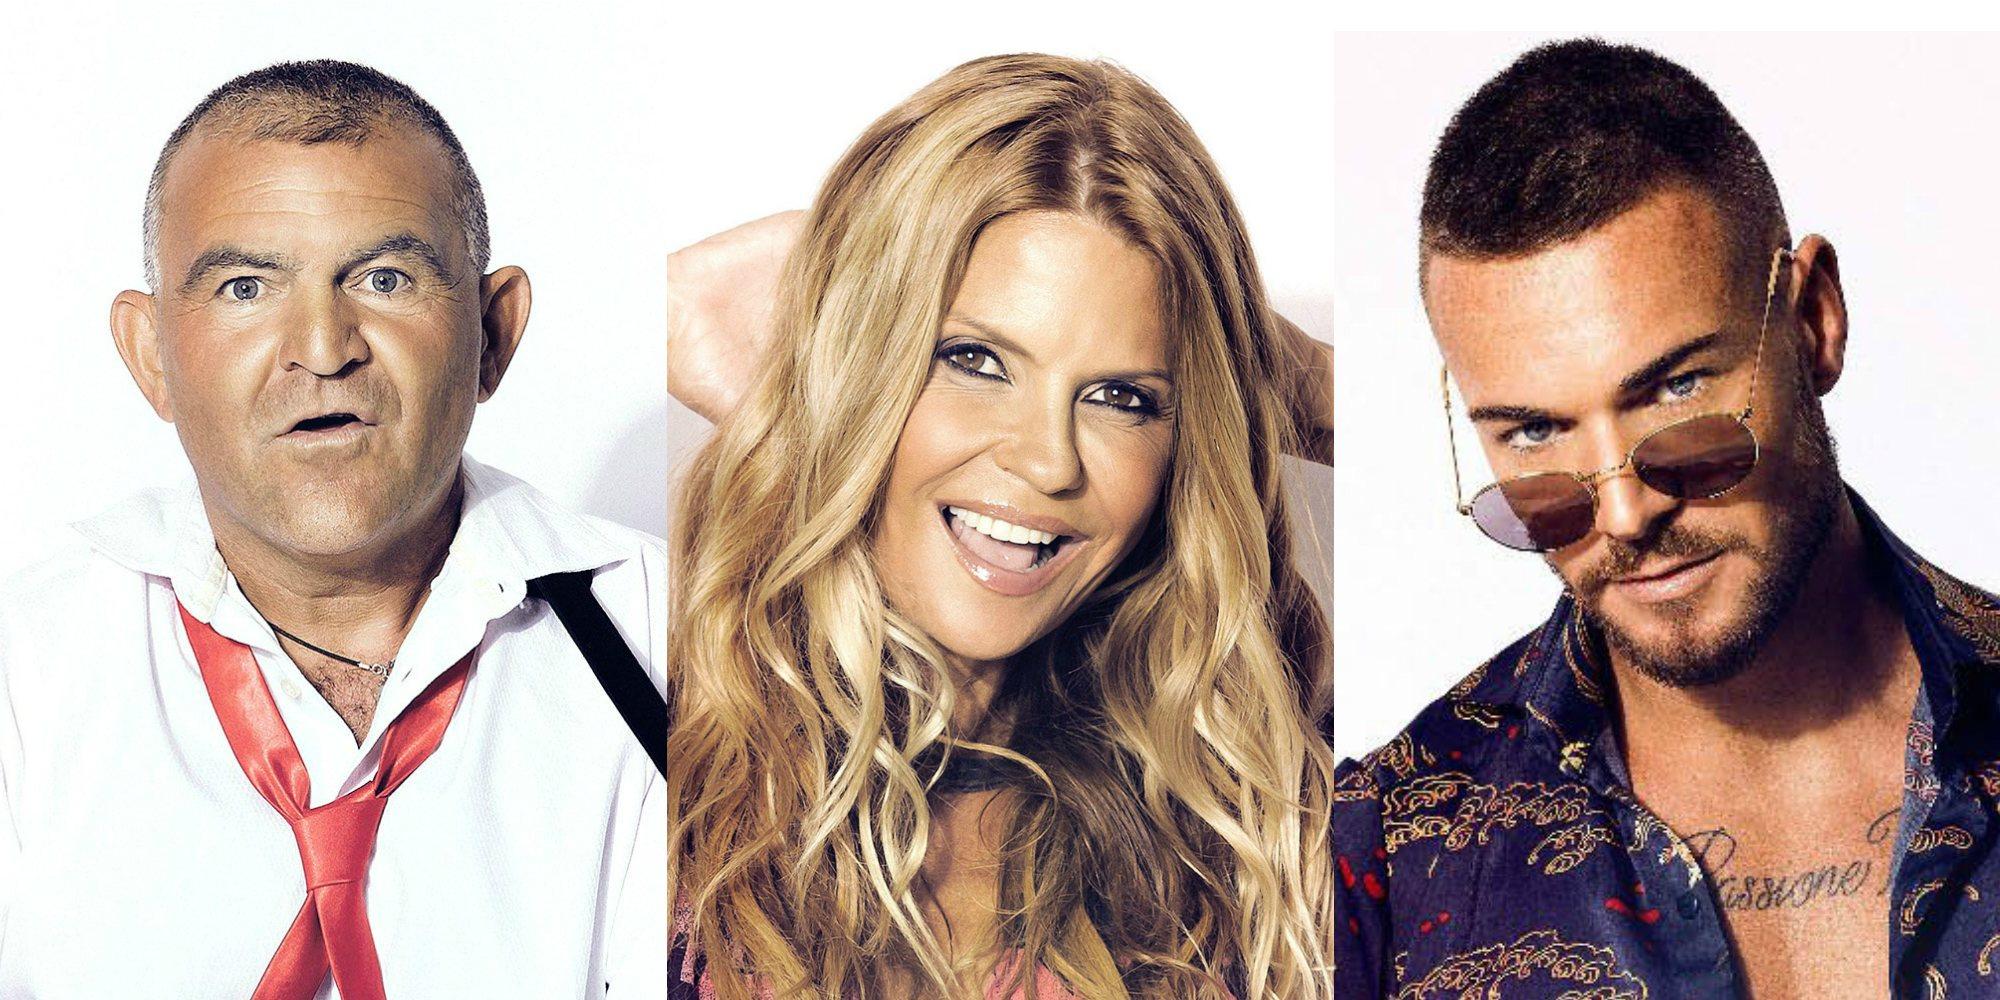 El Koala, Makoke y Tony Spina son los nuevos nominados de 'GH VIP 6'